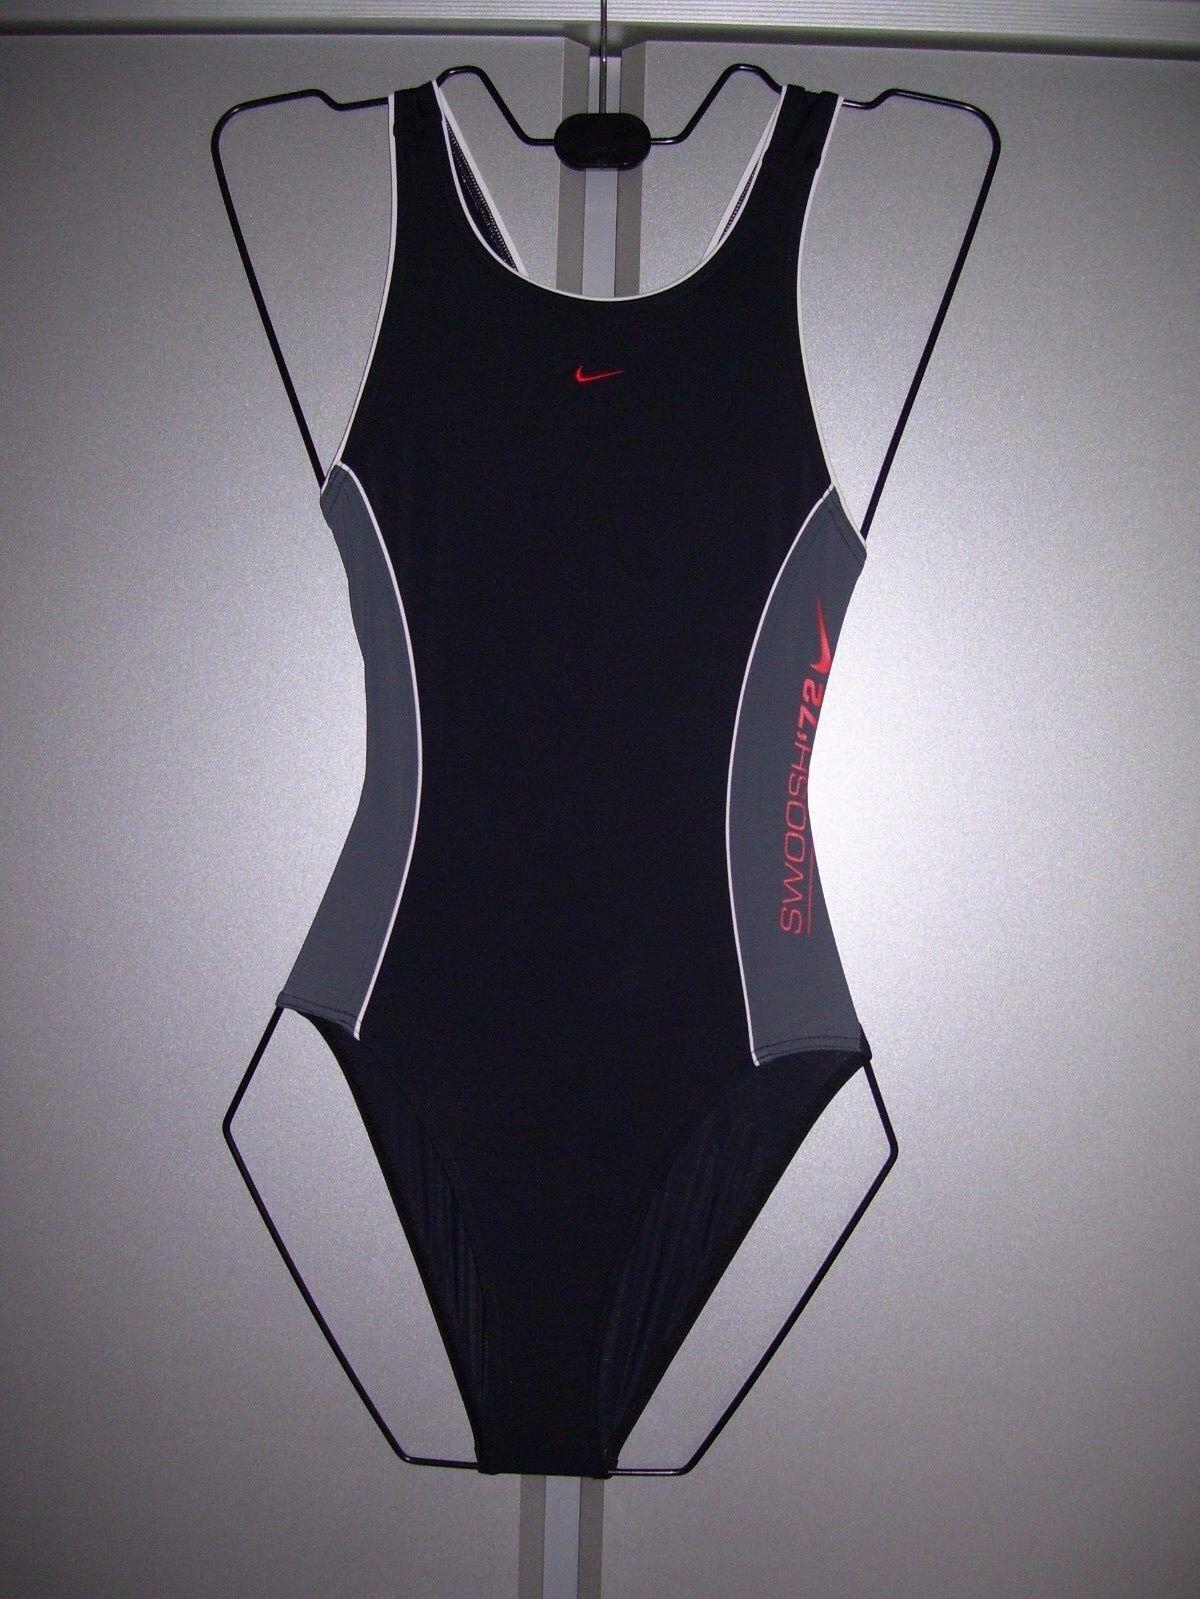 Nike Mädchen Badeanzug Kinder Schwimmanzug schwarz grau 116 oder 128 neu